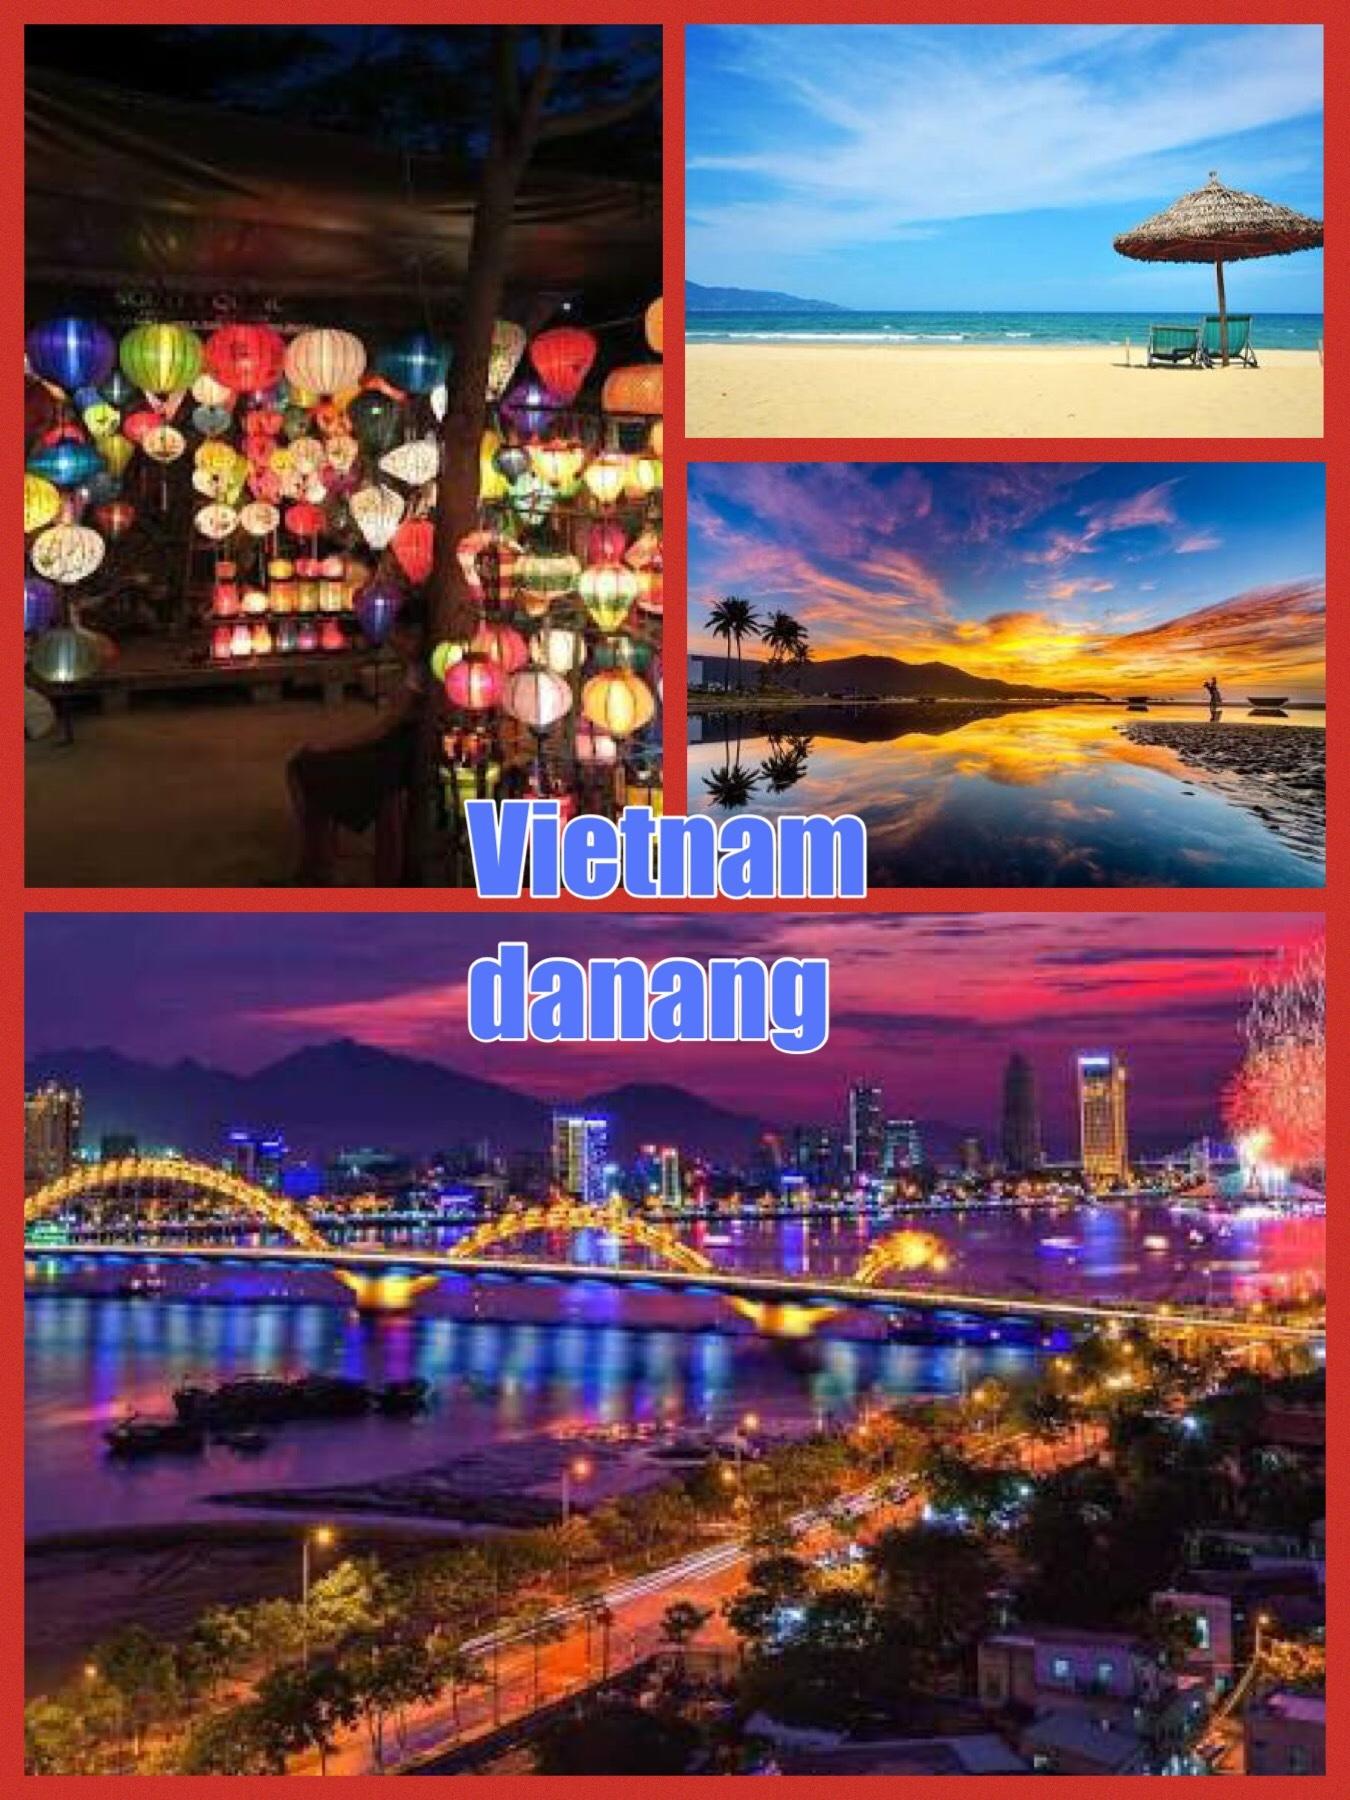 ベトナム ダナン 三菱自動車 アウトランダーPHEV提供